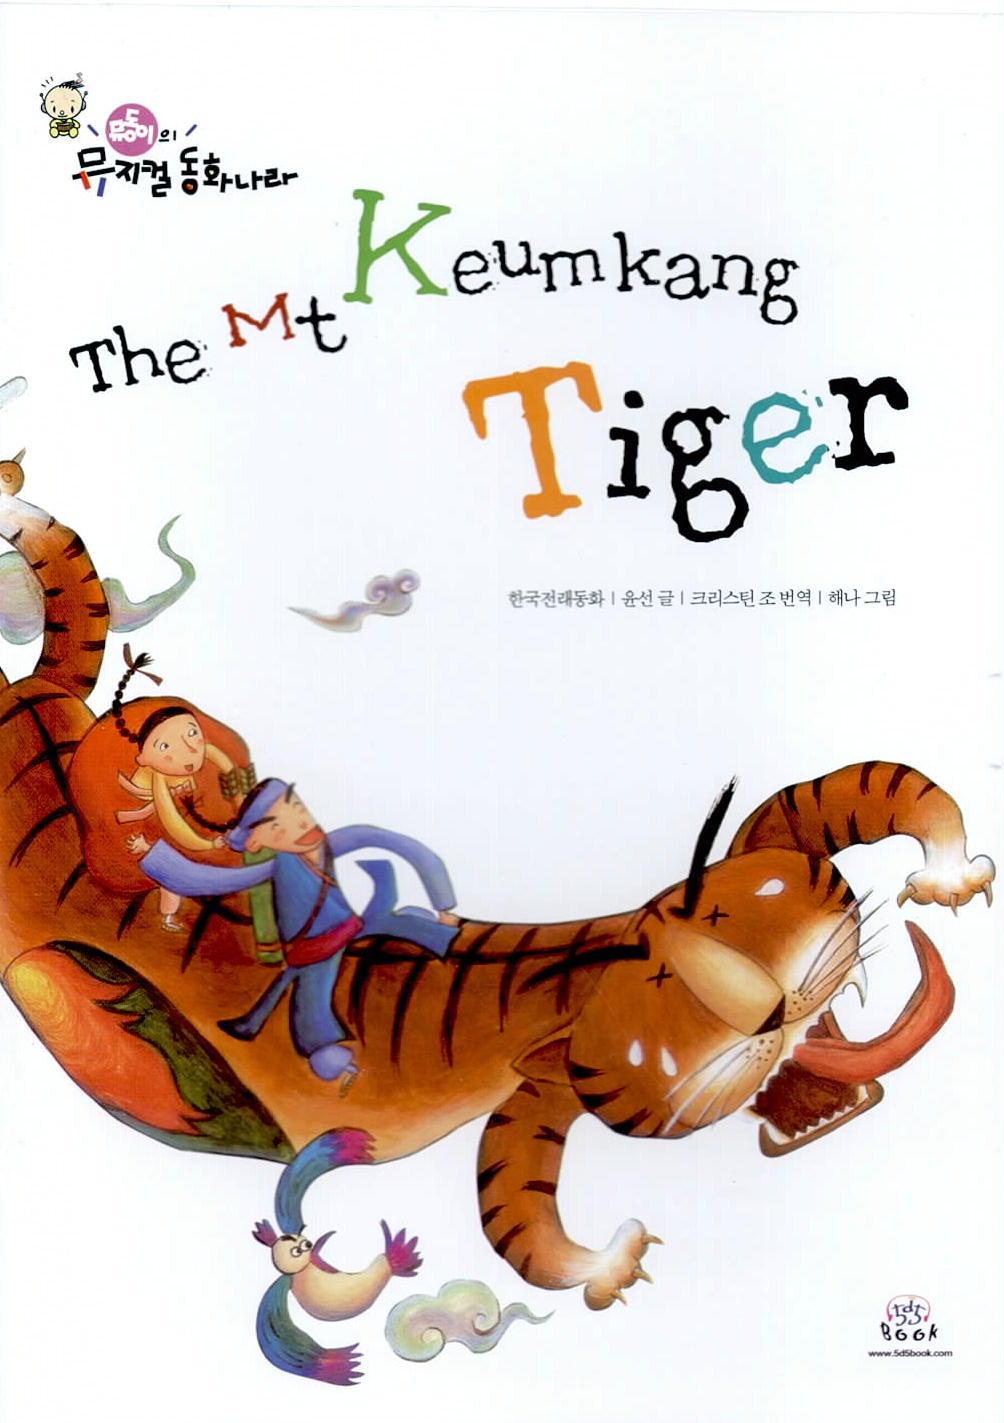 The Mt Keumkang Tiger